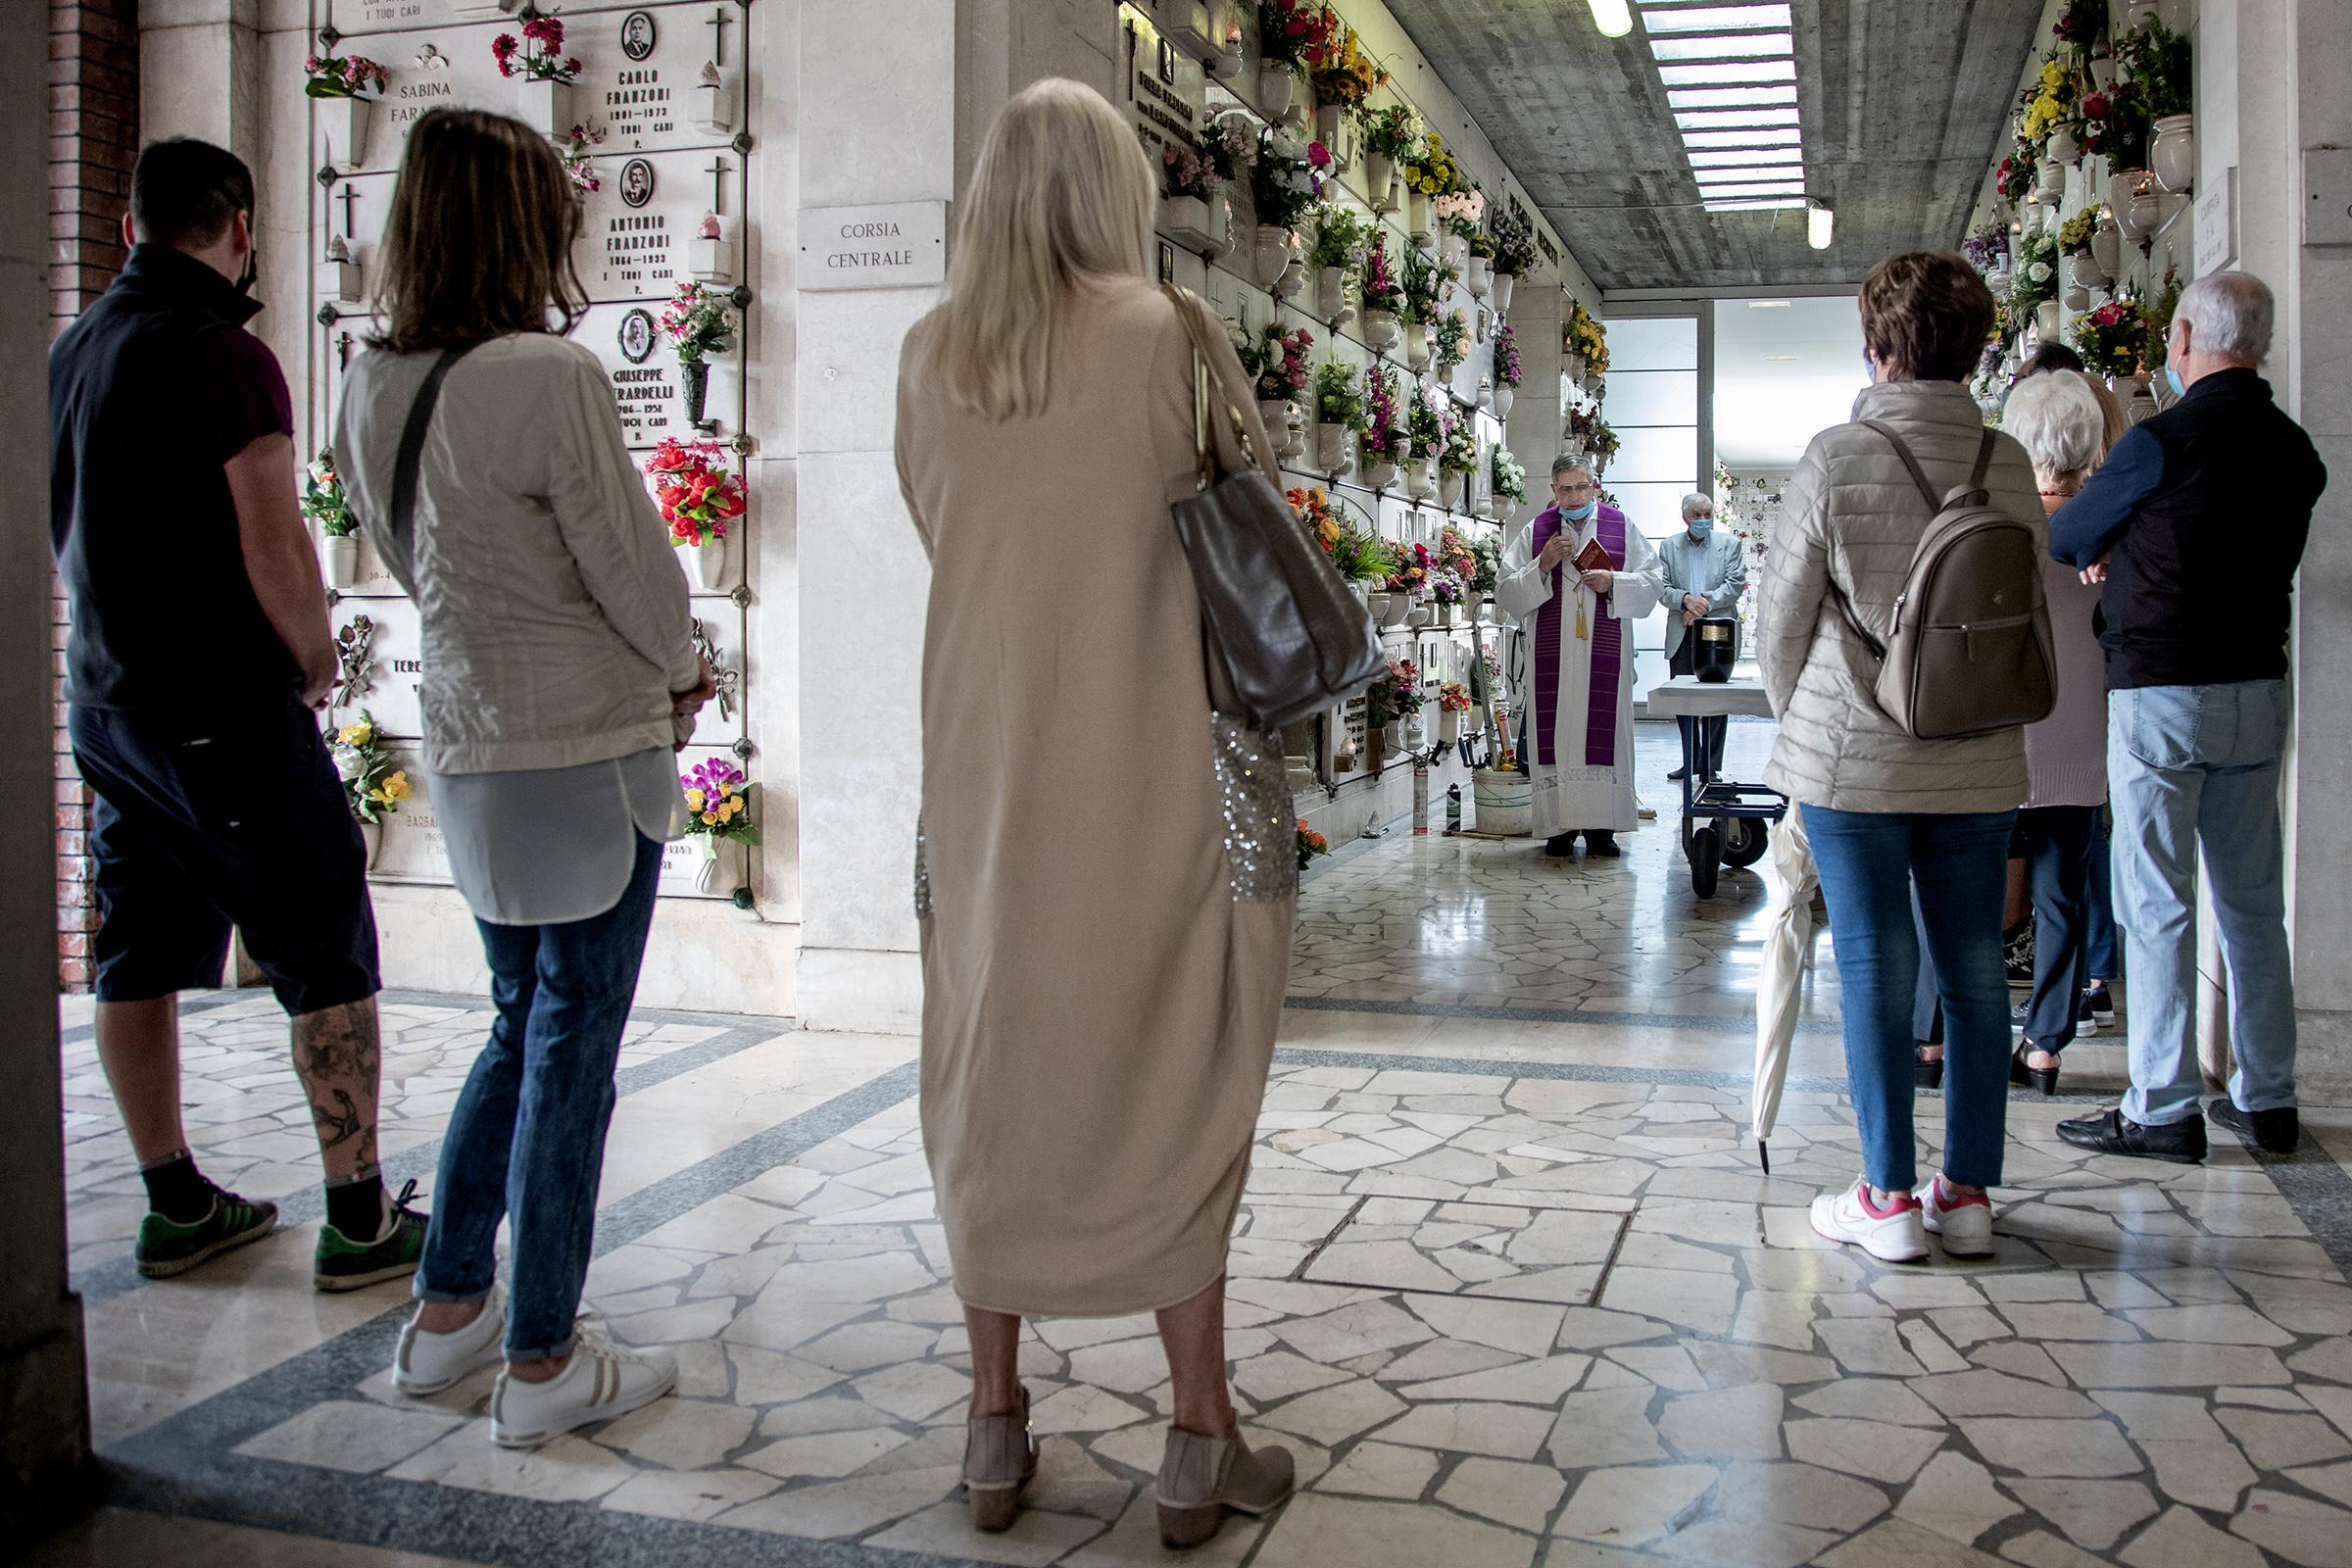 Men god avstand og munnbind har de nærmeste kommet for å ta farvel med et kjært familiemedlem. Den 83 år gamle mannen døde av covid19 for snart to måneder siden. Men det er først de siste ukene det har vært mulig å gjennomføre begravelser her i Bergamo. Det er ni begravelser på denne kirkegården i dag, en hvert 45. minutt.